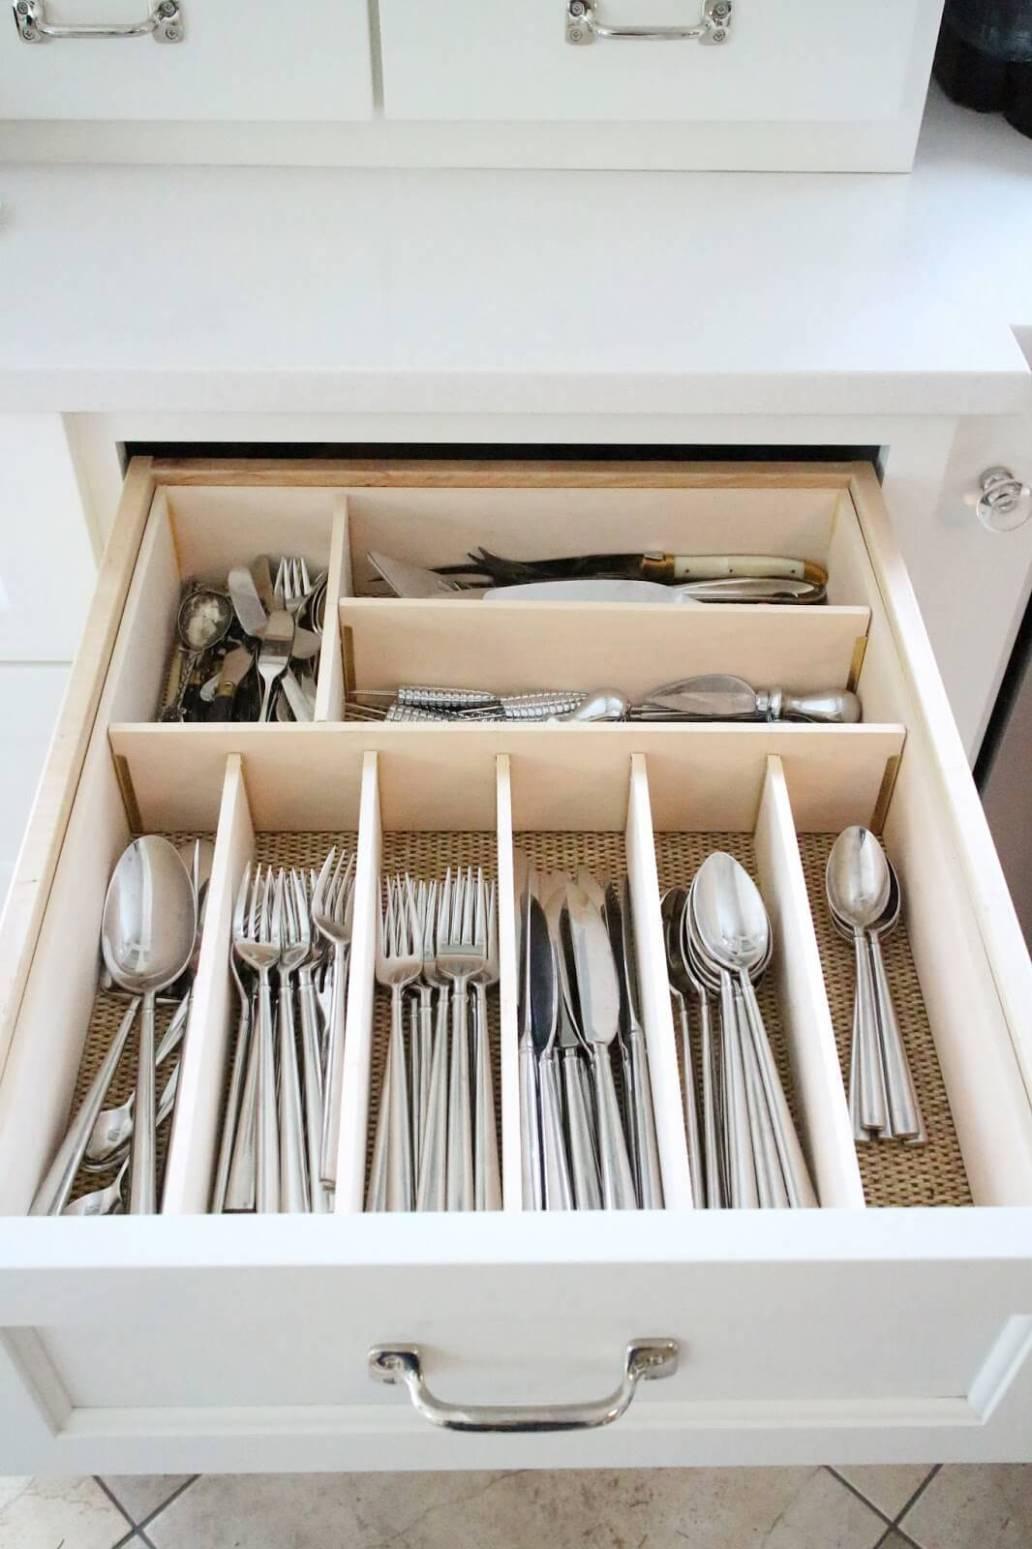 compartiments pour tiroir spécial placards de la cuisine - Comment organiser les placards de la cuisine ?